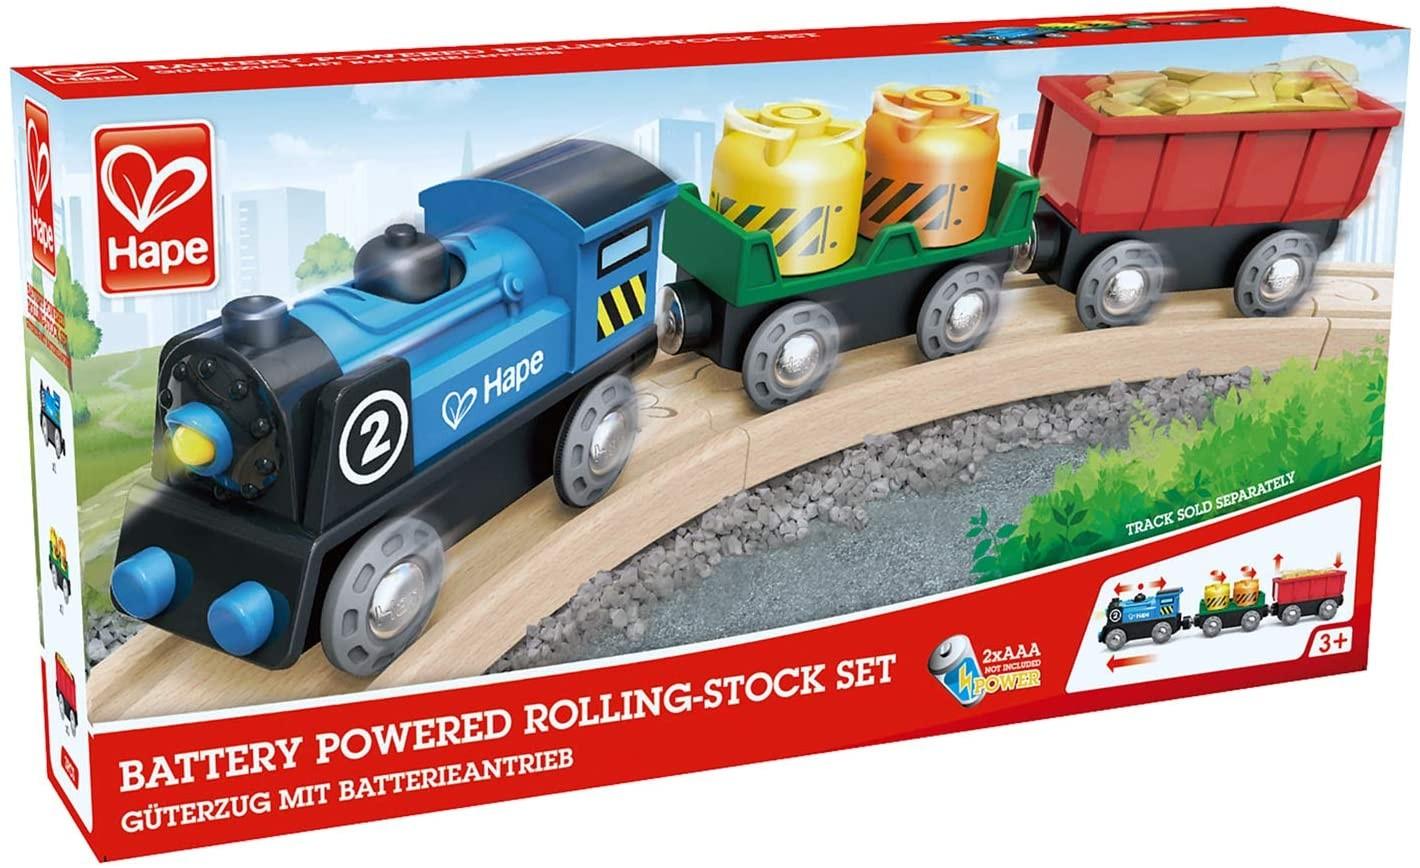 Hape Tren de marfa multicolor E3720_1